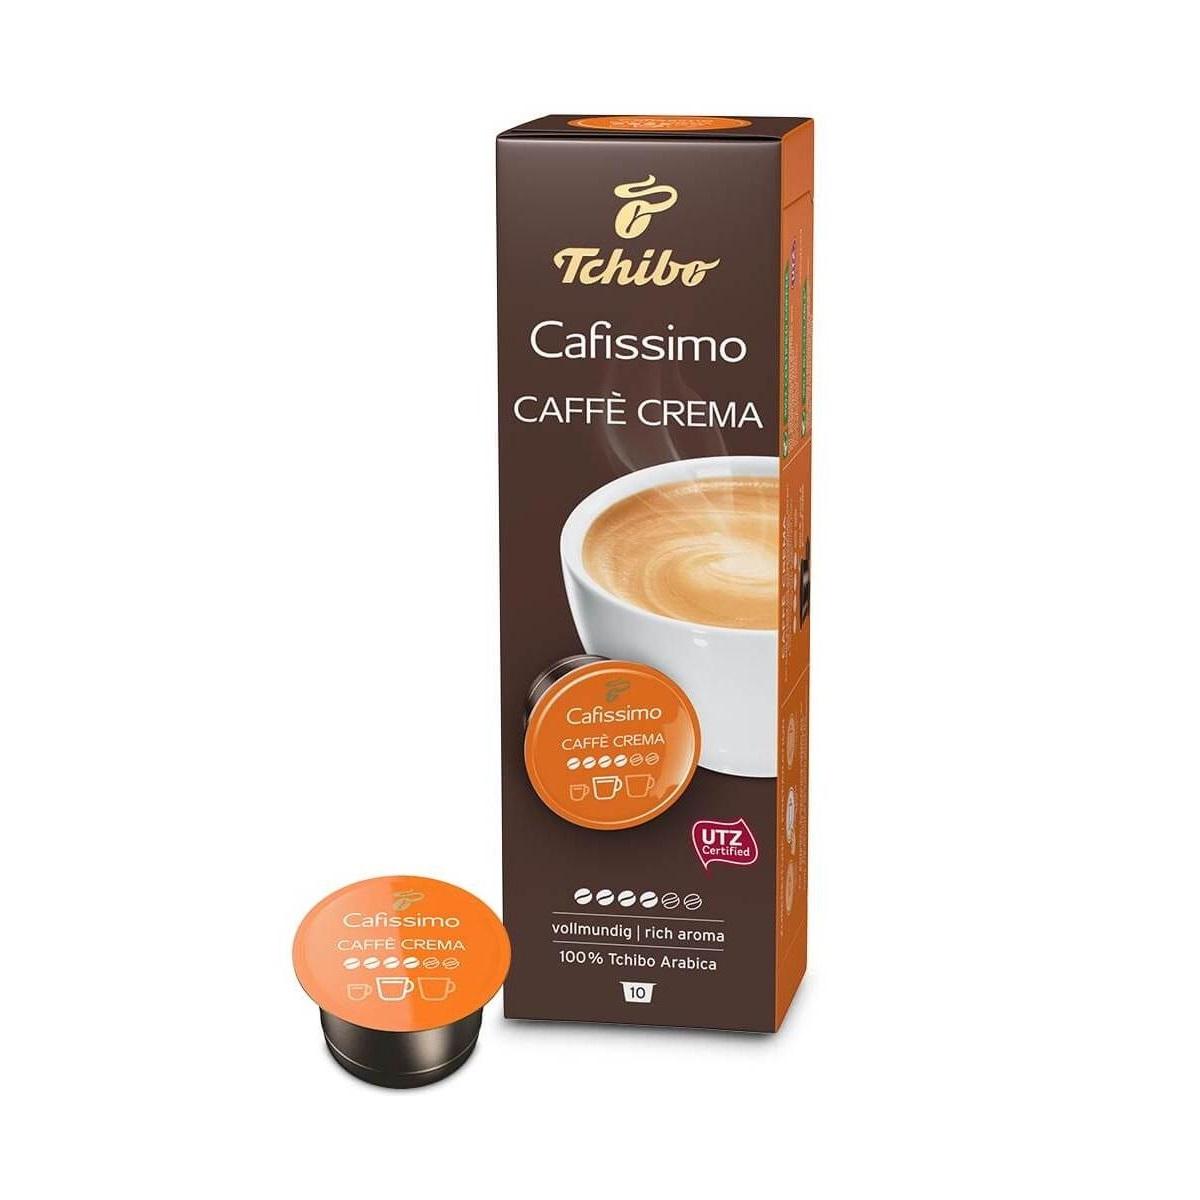 Tchibo Cafissimo Caffe Crema capsule 10 buc